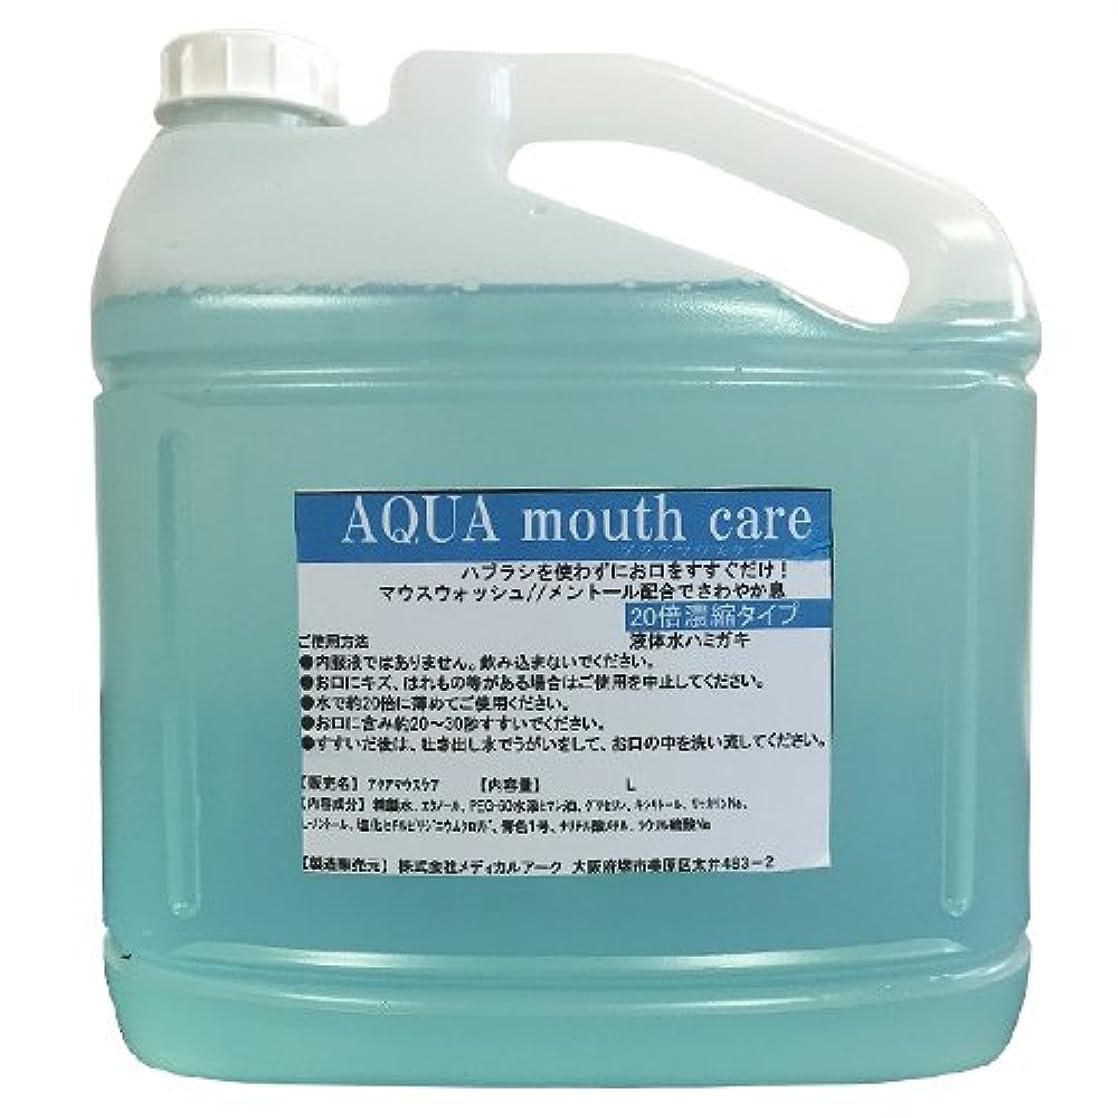 麦芽輝度日記業務用洗口液 マウスウォッシュ アクアマウスケア (AQUA mouth care) 20倍濃縮タイプ 5L (詰め替えコック付き)